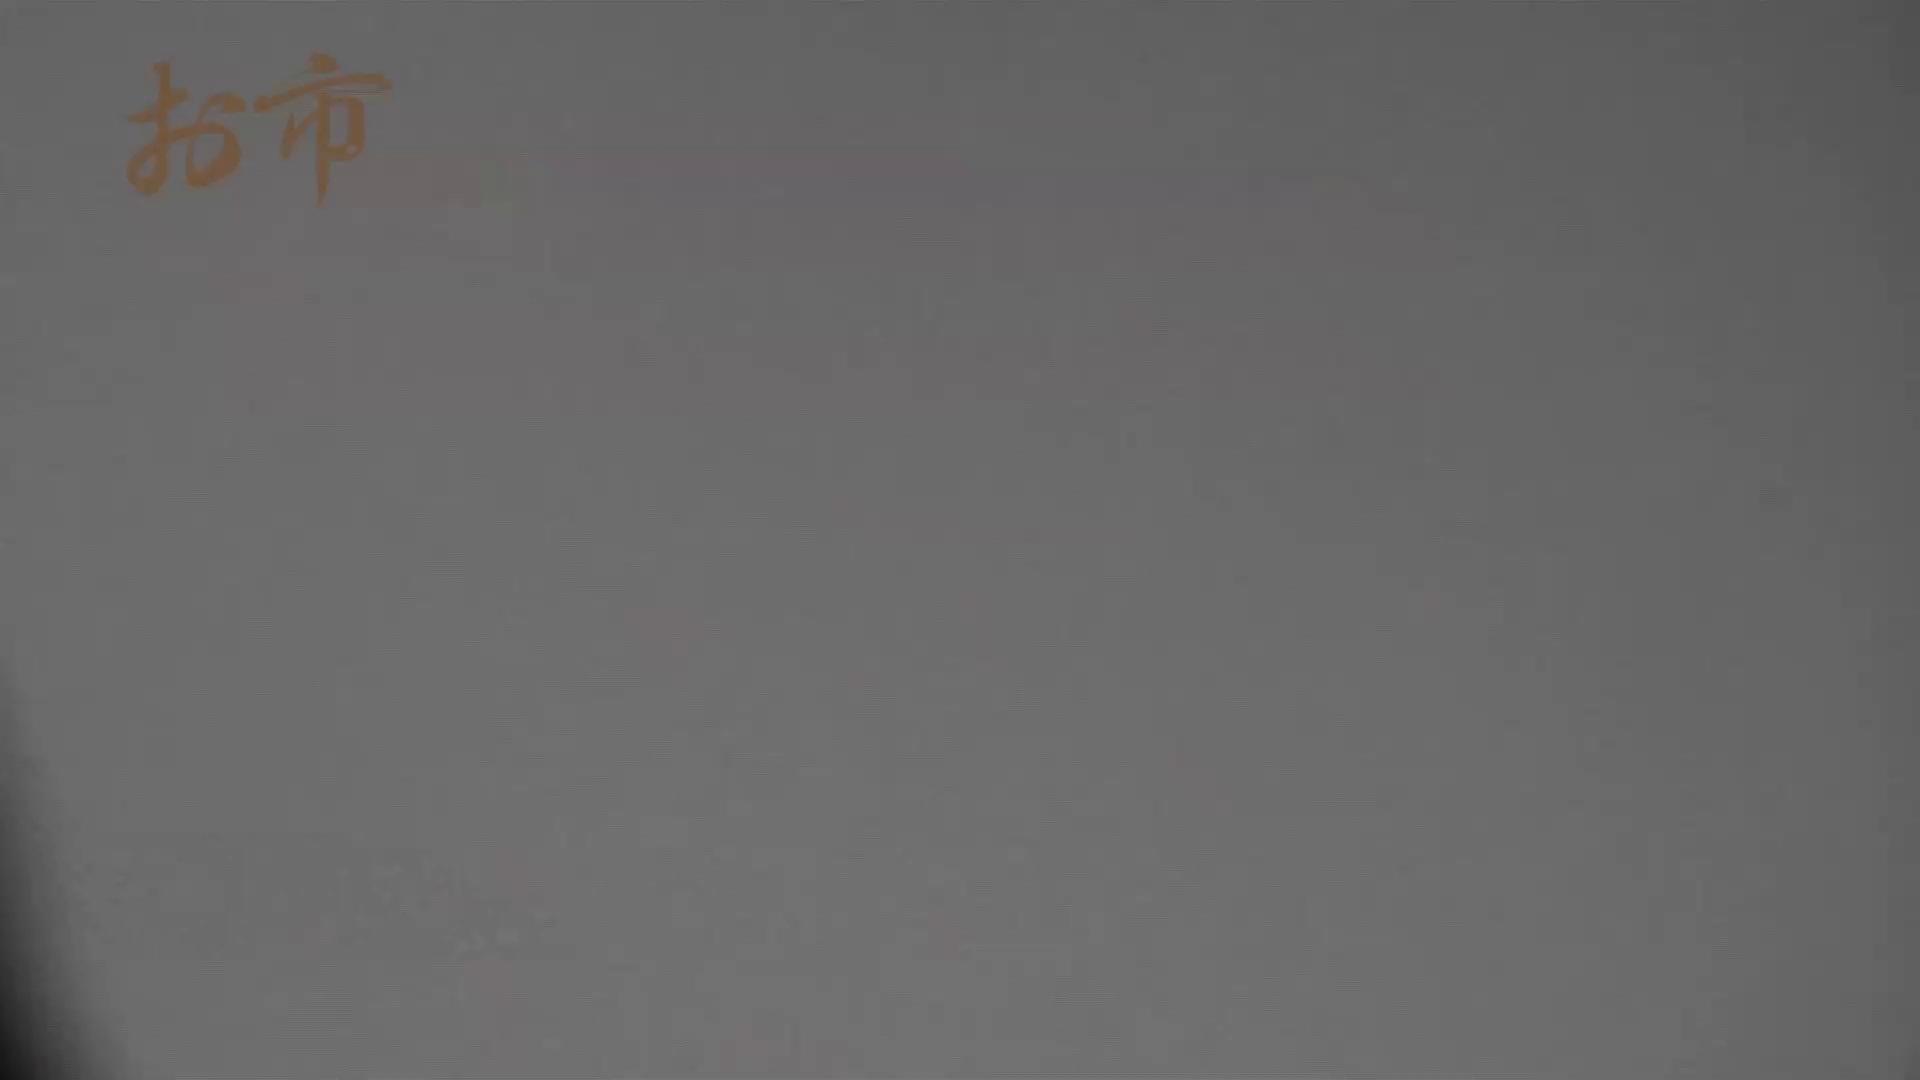 潜入!!台湾名門女学院 Vol.12 長身モデル驚き見たことないシチュエーション 盗撮  105PIX 57